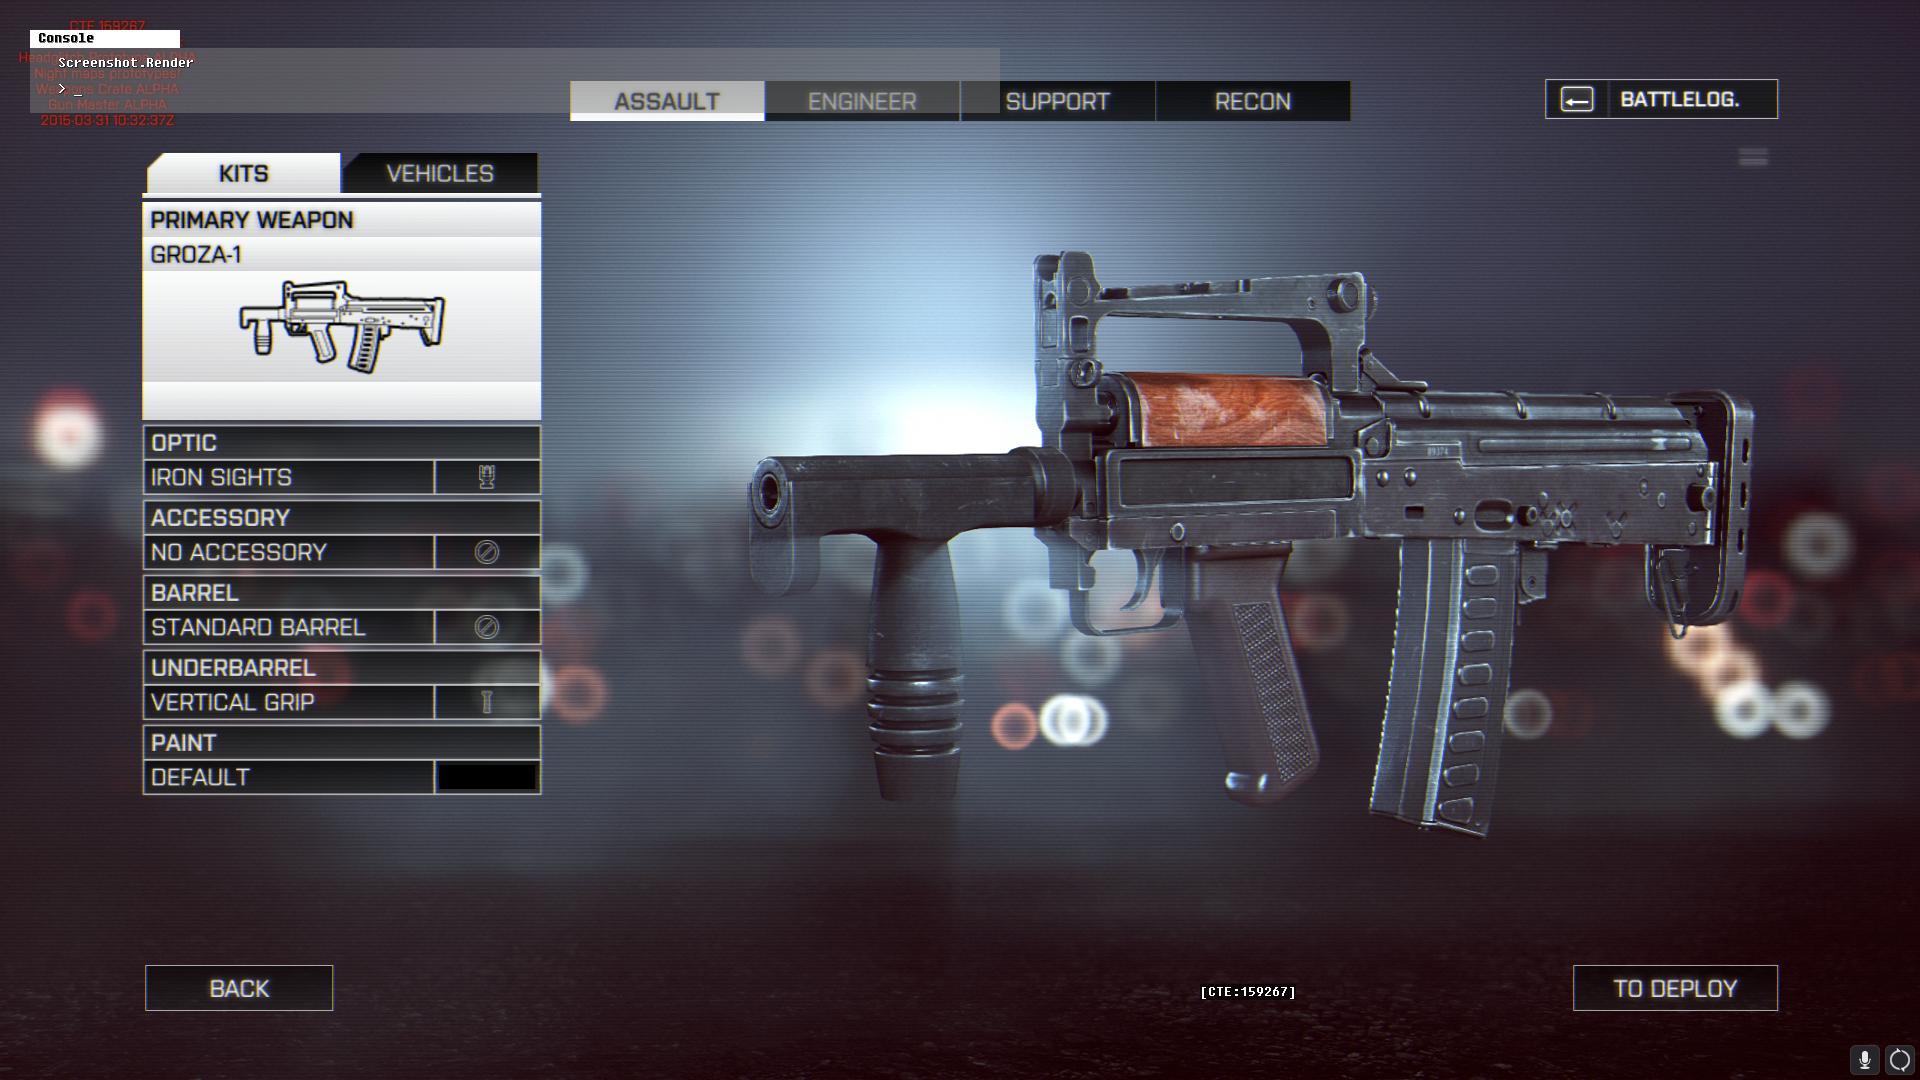 battlefield_4_weapon_crate_leak_1